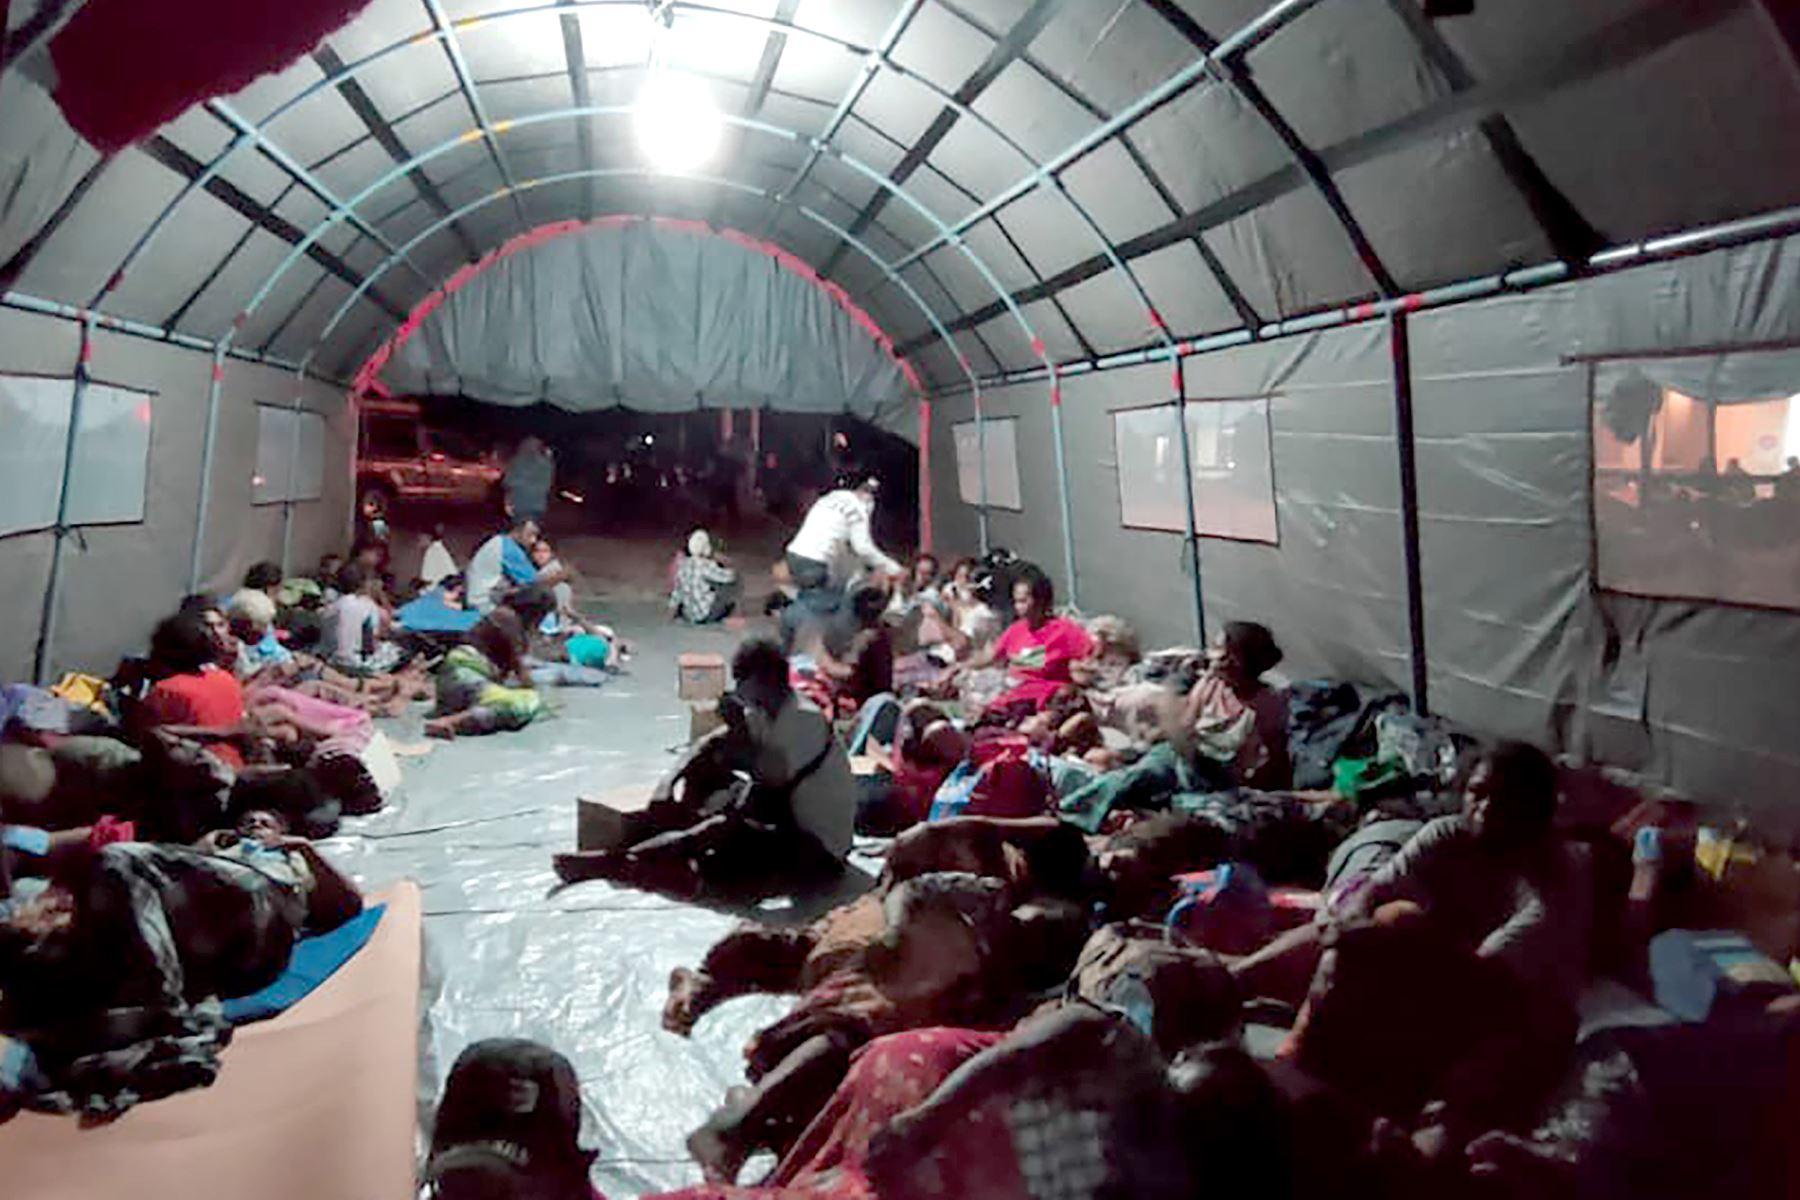 Evacuados en un refugio improvisado después de que el volcán Ili Lewotolok entrara en erupción arrojando una columna de humo y ceniza a 4000 metros de altura, en Indonesia. Foto: AFP